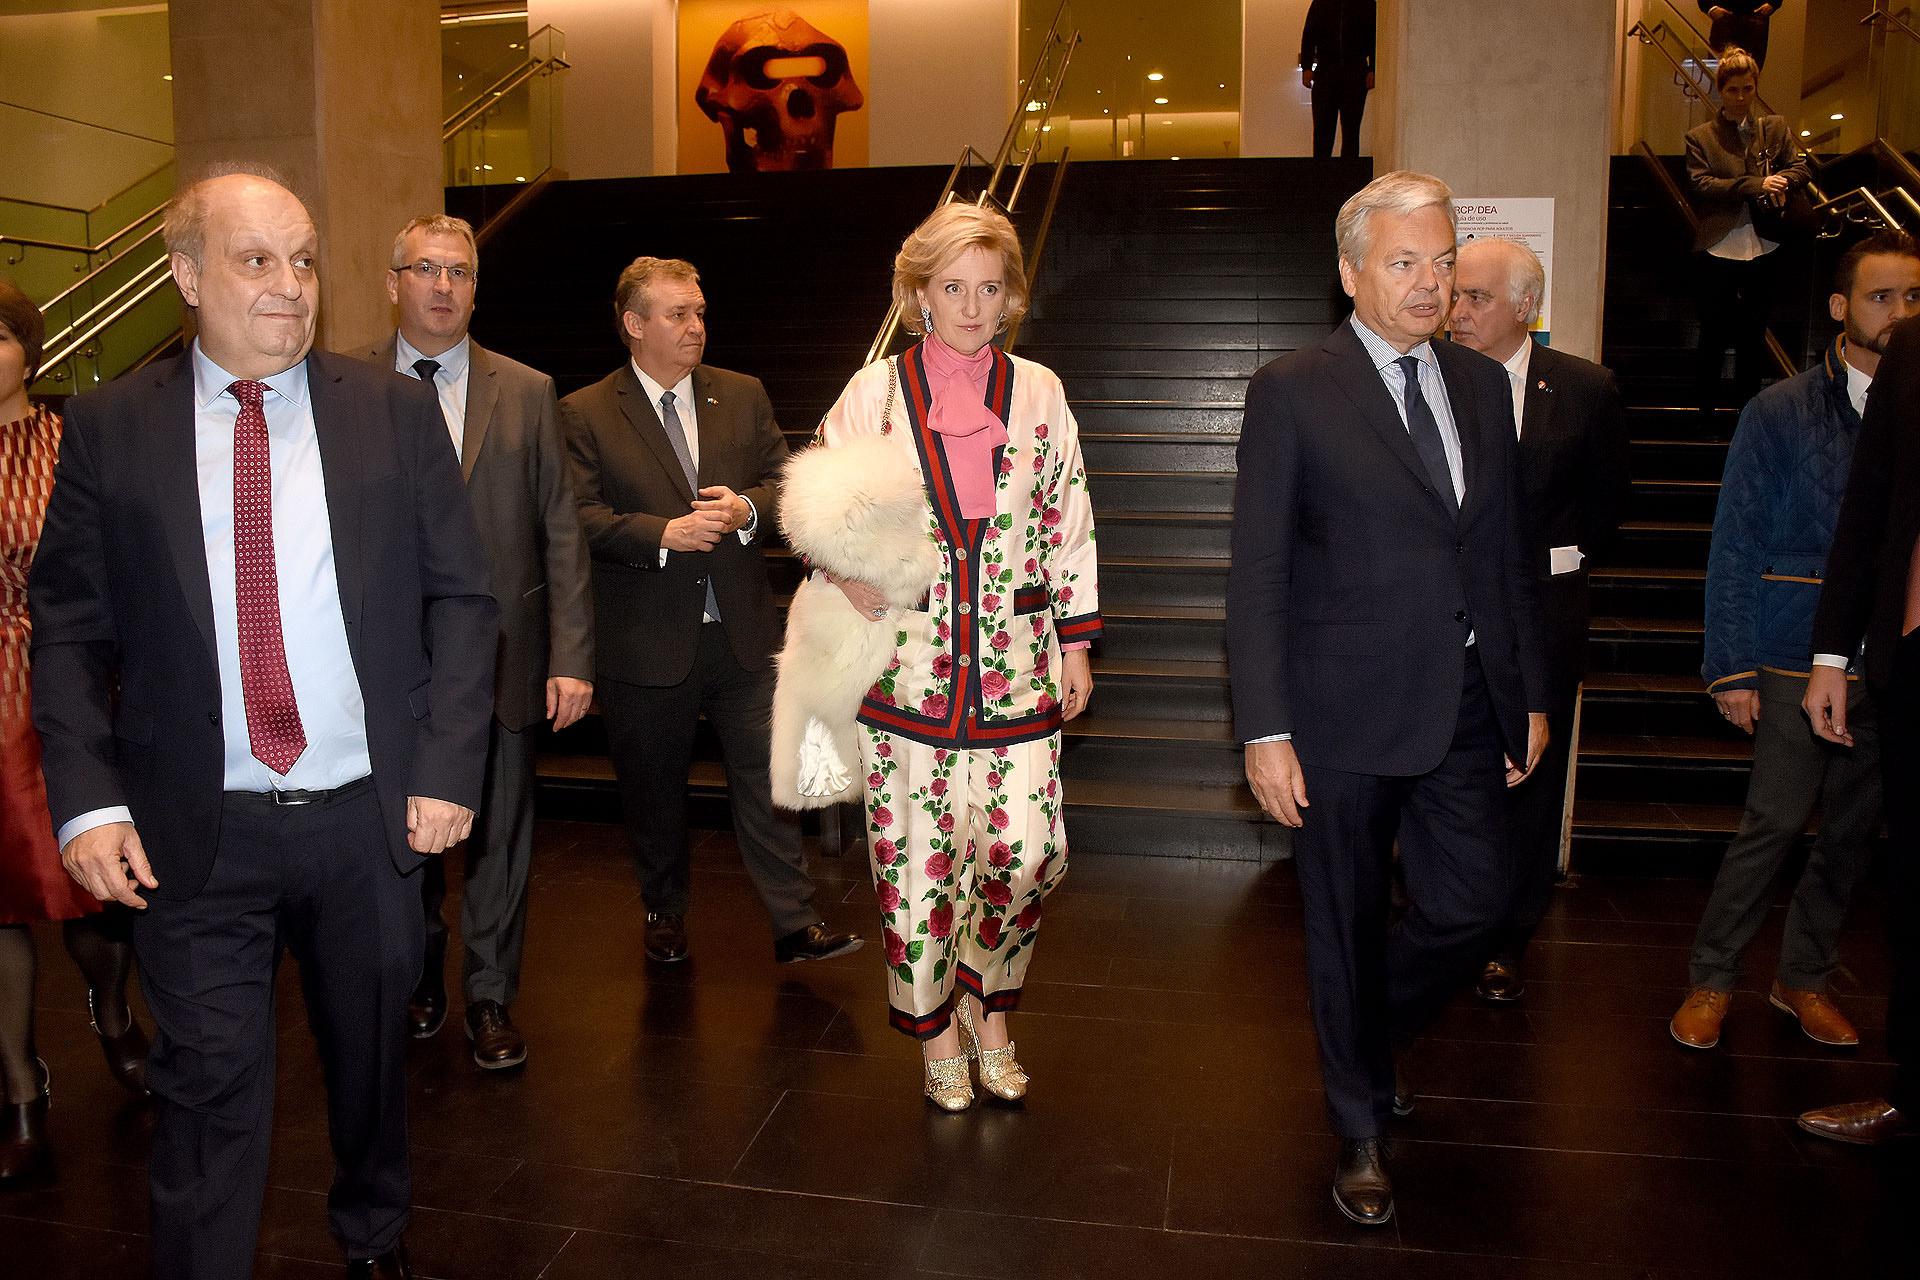 Astrid de Bélgica fue recibida por el titular del Sistema Federal de Medios y Contenidos Públicos, Hernán Lombardi